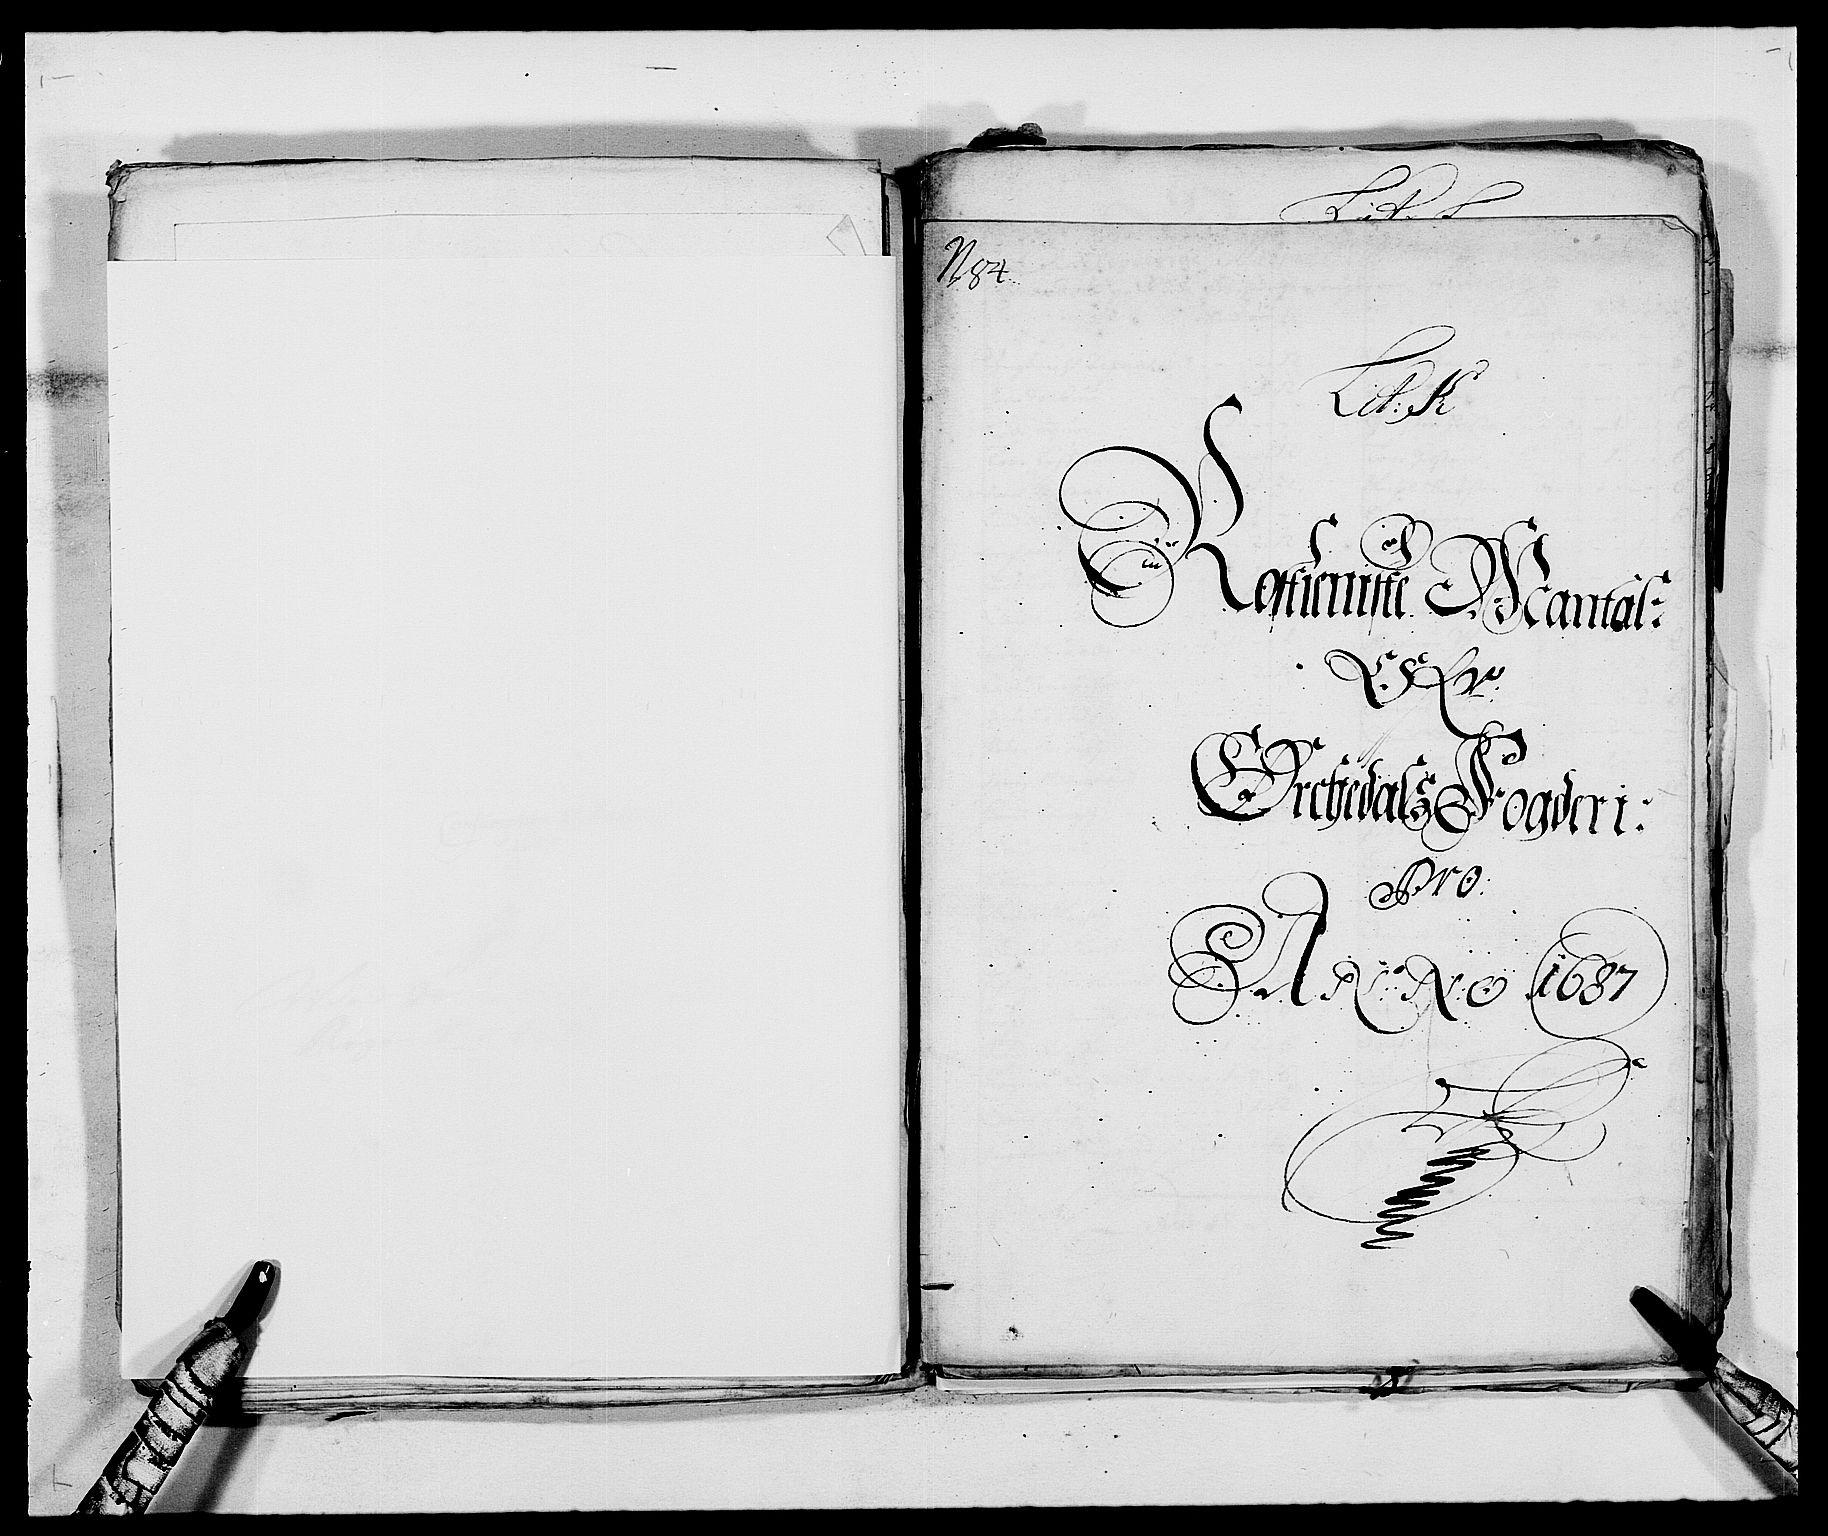 RA, Rentekammeret inntil 1814, Reviderte regnskaper, Fogderegnskap, R58/L3935: Fogderegnskap Orkdal, 1687-1688, s. 121